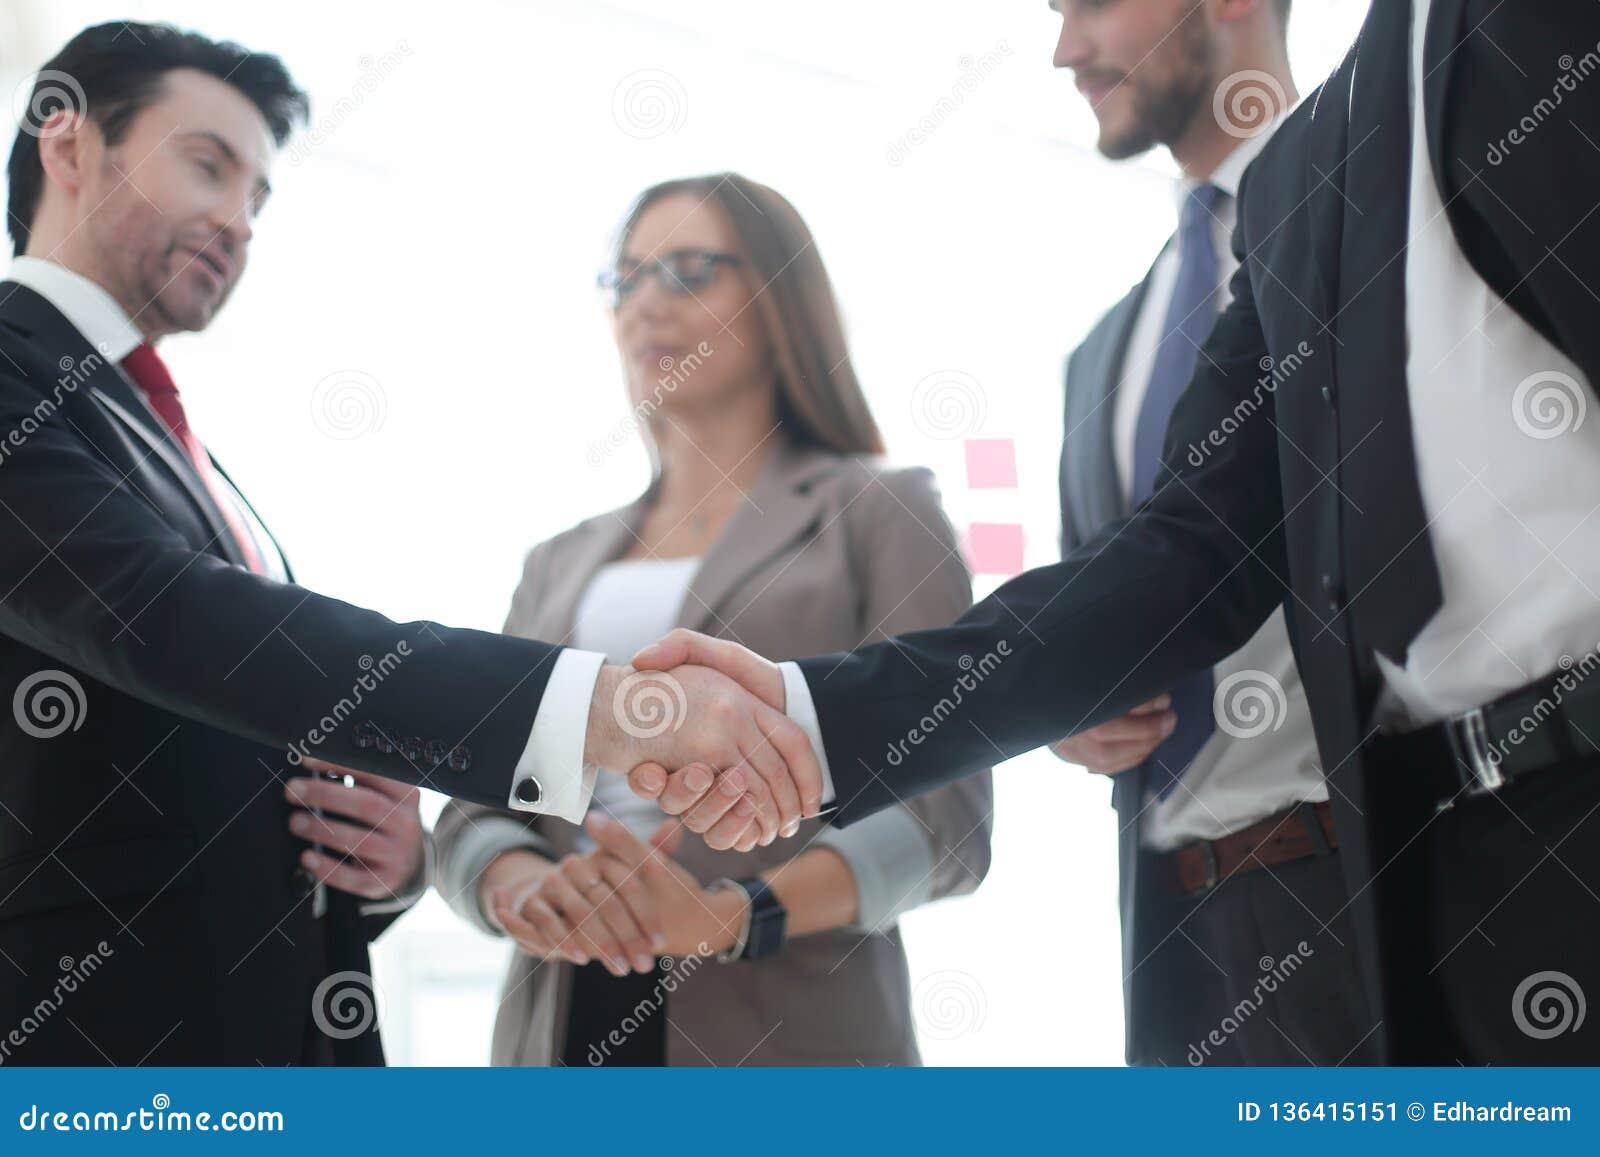 Foreground Stretta di mano della gente di affari